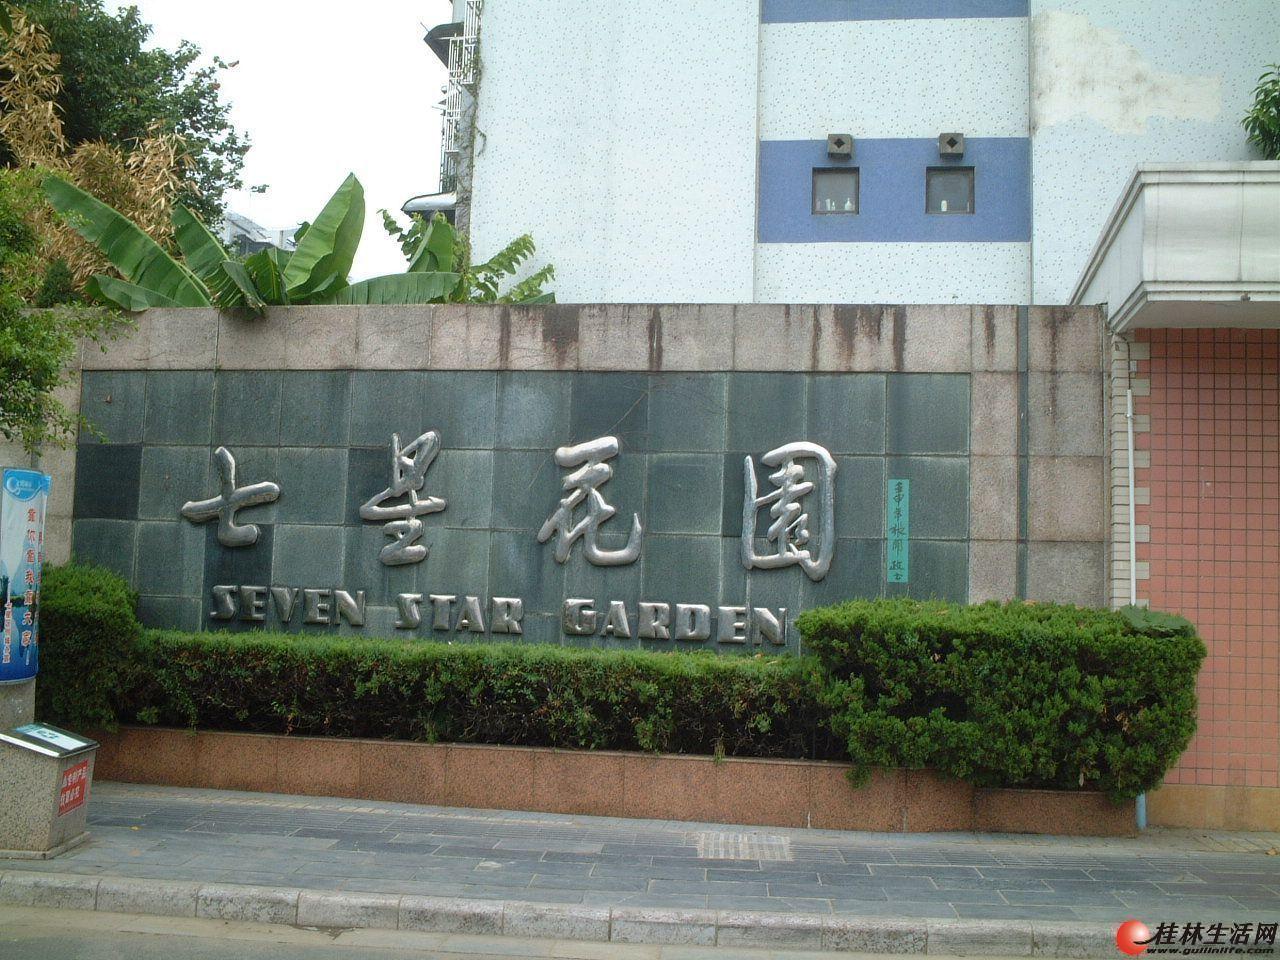 七星花园园中苑4房2厅2卫,电梯7楼,256平米,豪华装修,大客厅大房间,3500元一个月